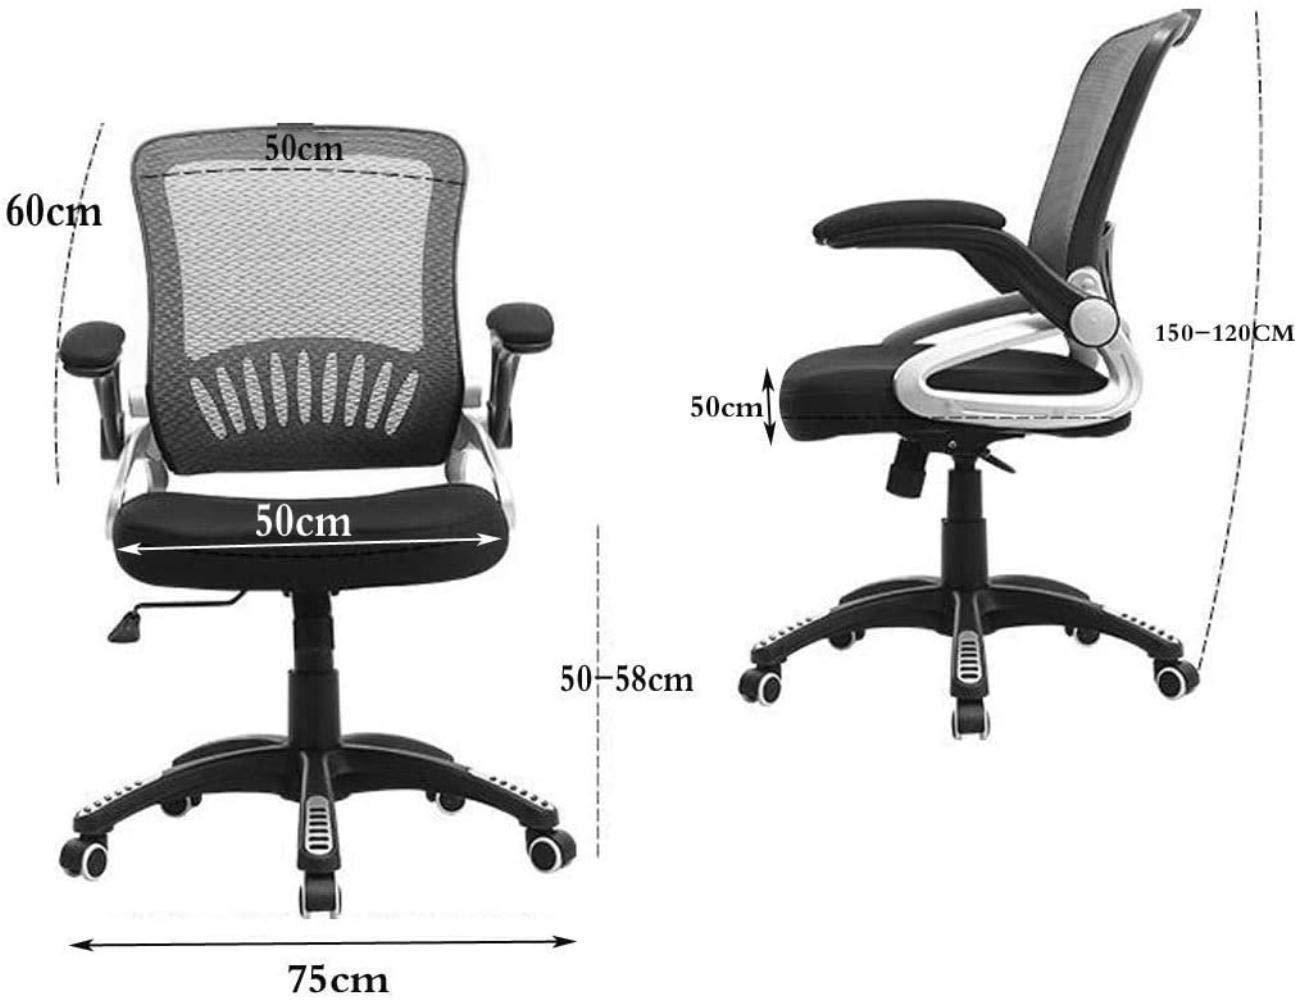 Skrivbordsstolar, ergonomisk kontorsstol nät datorstol lyft konferensstol hem svängbar stol justerbar fåtölj (färg: svart) BLÅ